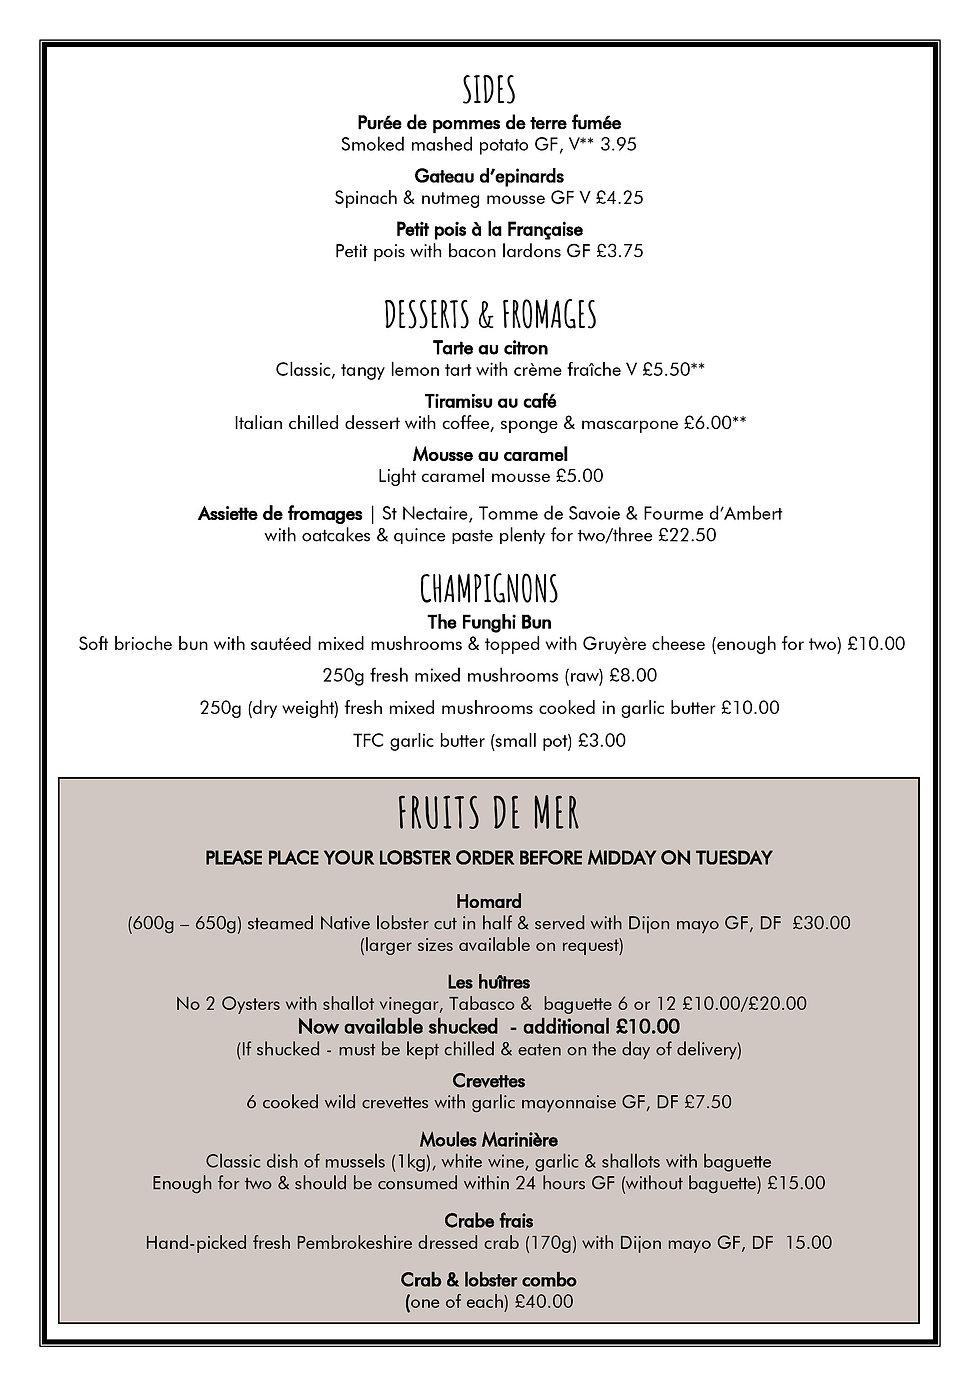 Heat & Eat Menu WC 10.5.21-page-002.jpg